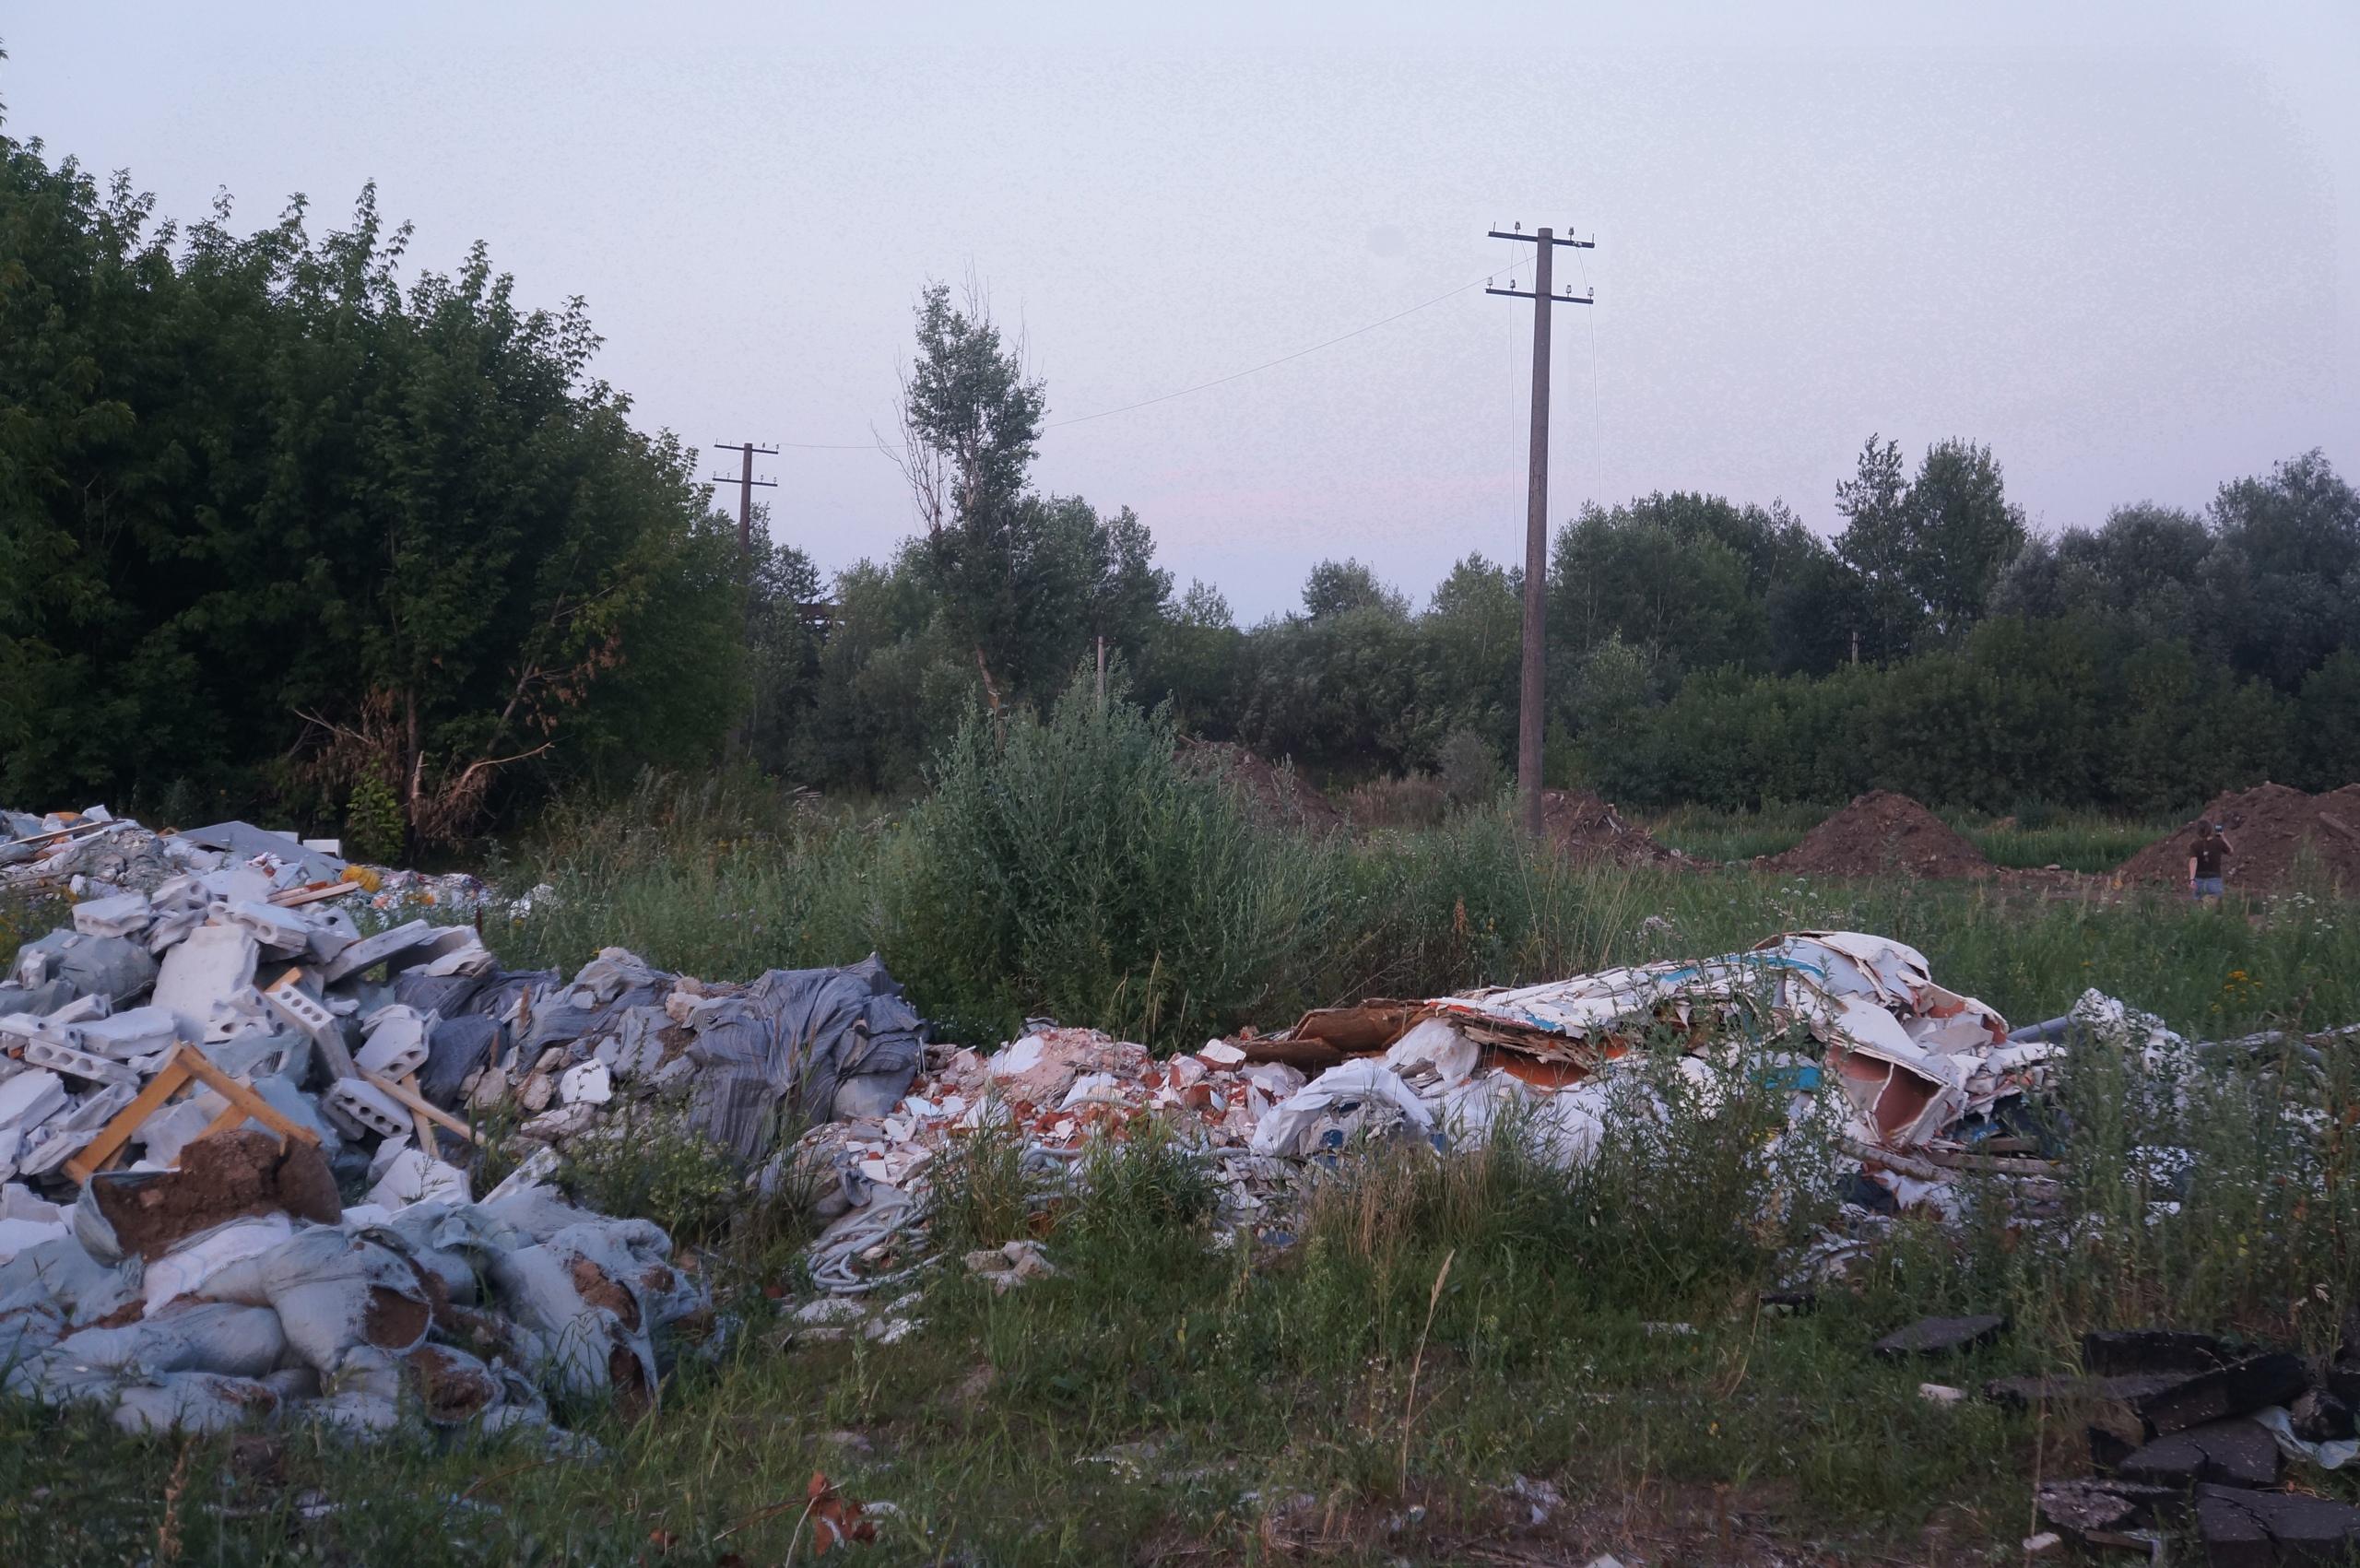 Быть или не быть: появится ли Восточный обход Нижнего Новгорода в Артемовских лугах 8